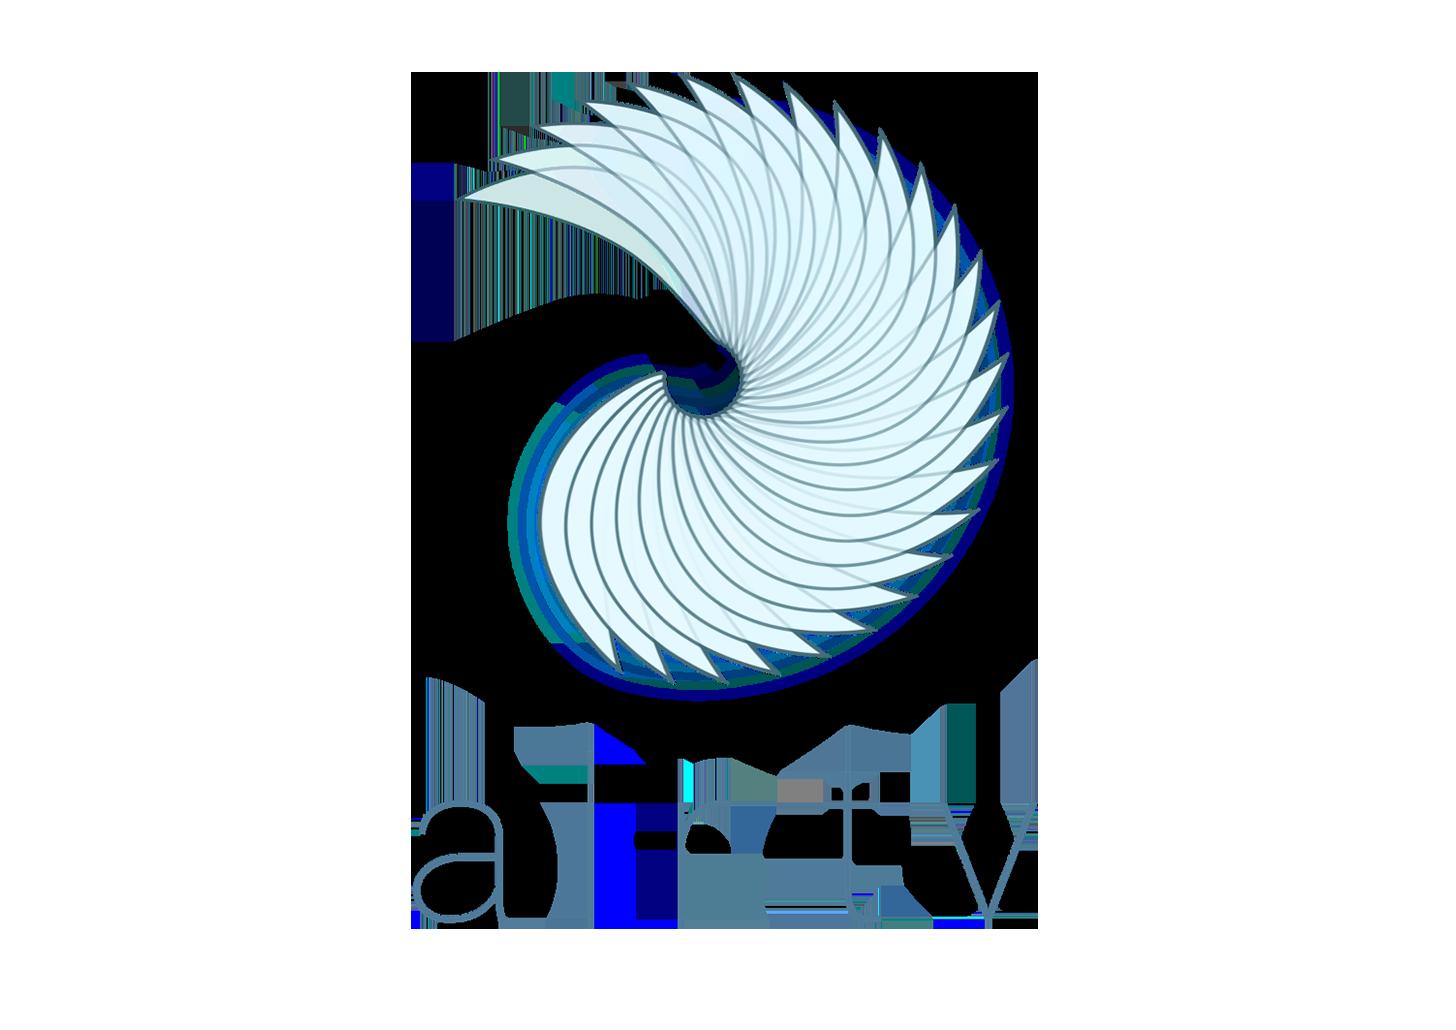 air tv.png